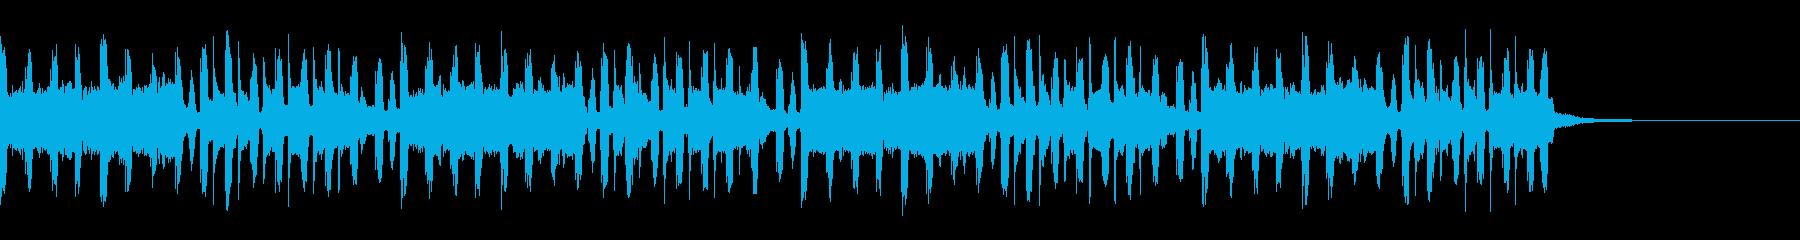 【30秒】緊迫感のあるBGMの再生済みの波形